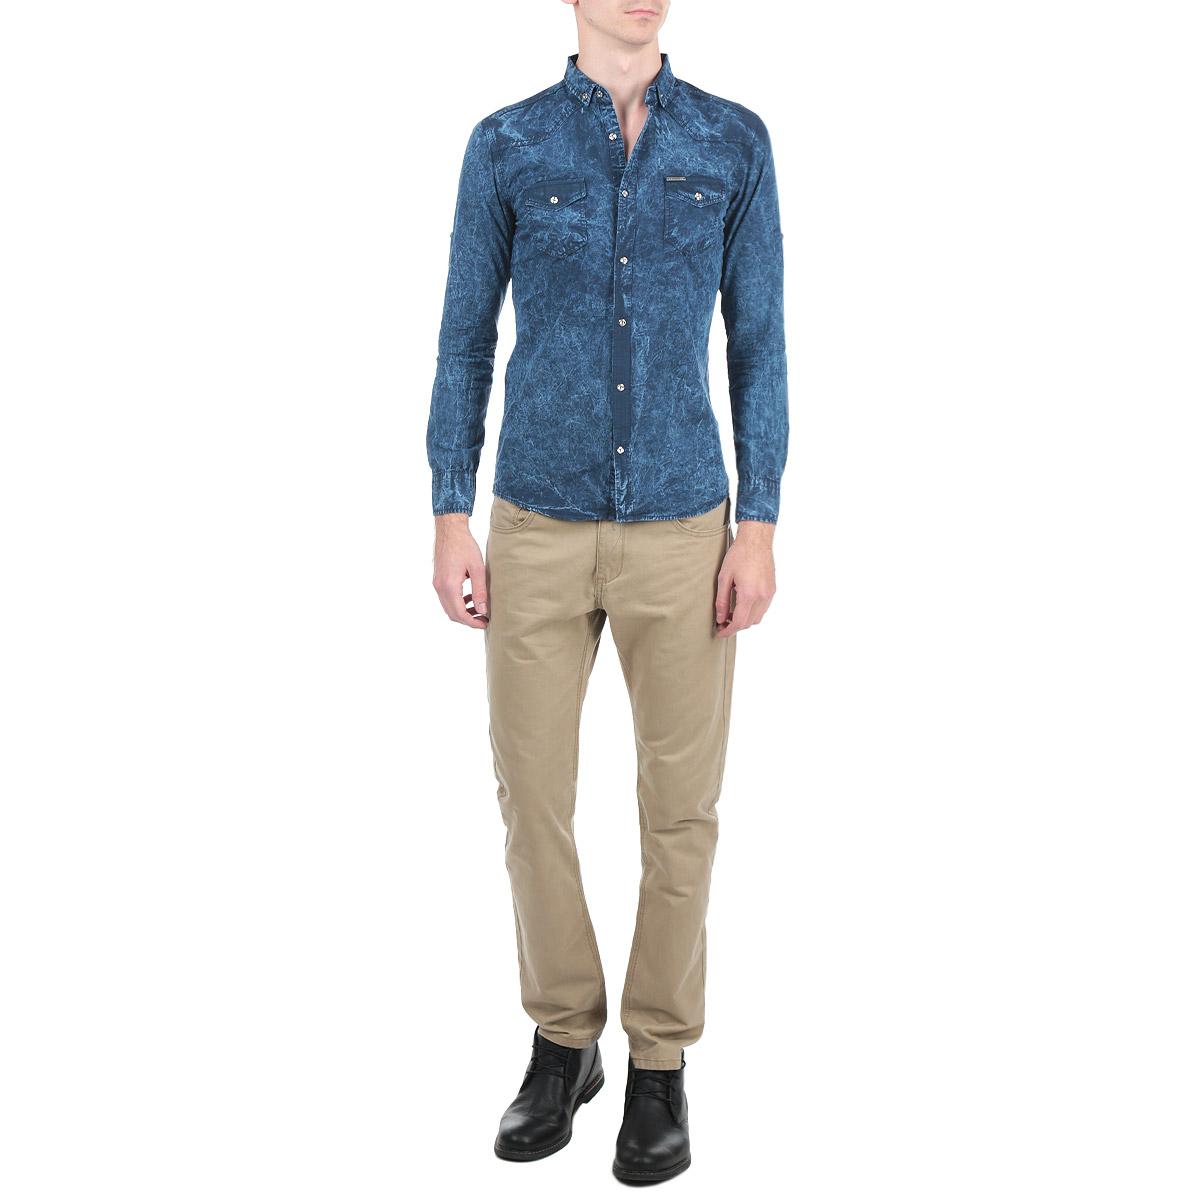 Рубашка1022_24Мужская рубашка Rodney, выполненная из высококачественного 100% хлопка, обладает высокой теплопроводностью, воздухопроницаемостью и гигроскопичностью, позволяет коже дышать, тем самым обеспечивая наибольший комфорт при носке. Модель прямого кроя с отложным воротником, длинными рукавами и полукруглым низом застегивается на пуговицы. Рубашка оформлена оригинальным принтом и на груди дополнена накладными карманами с клапанами на пуговицах. Рукава при желании можно подвернуть до локтя и зафиксировать при помощи хлястиков на пуговицах. Такая рубашка подчеркнет ваш вкус и поможет создать великолепный стильный образ.